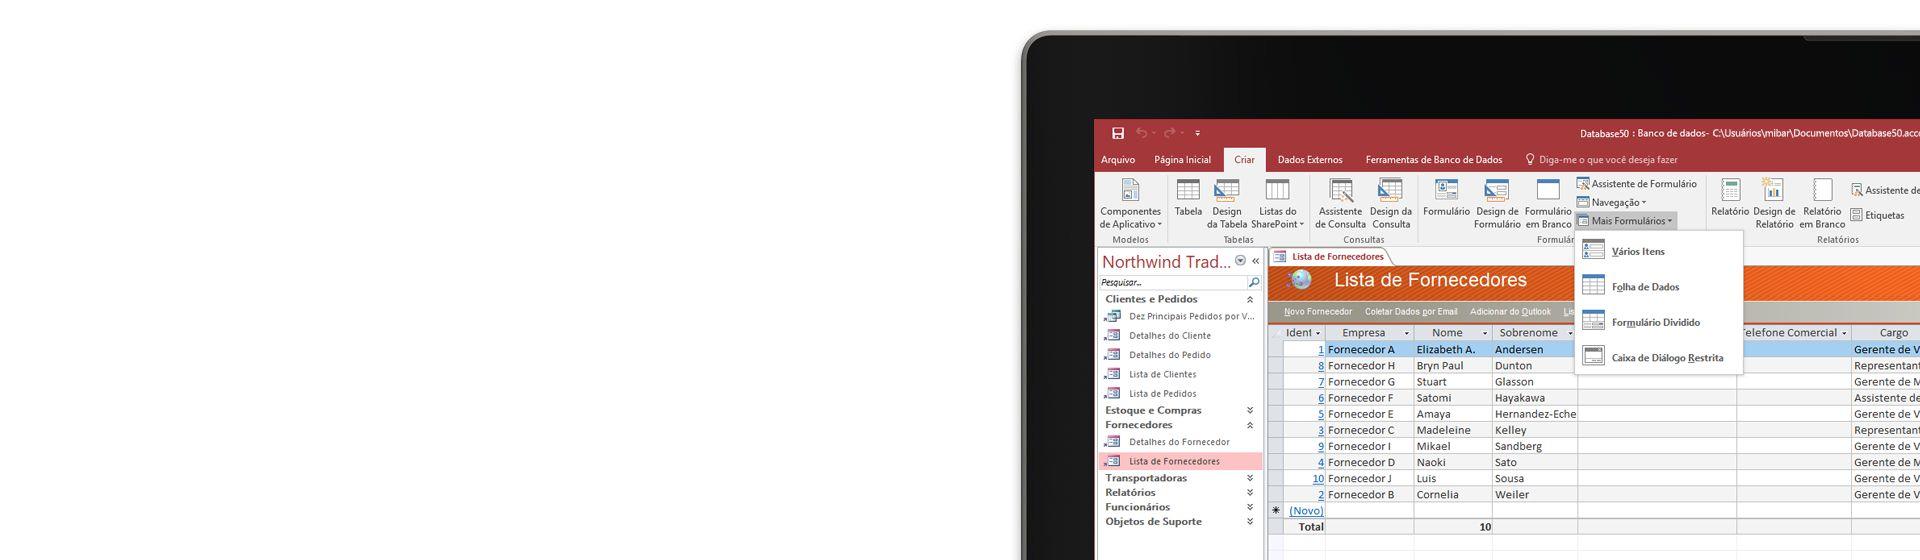 O canto de uma tela de computador exibindo uma lista de fornecedores em um banco de dados no Microsoft Access.